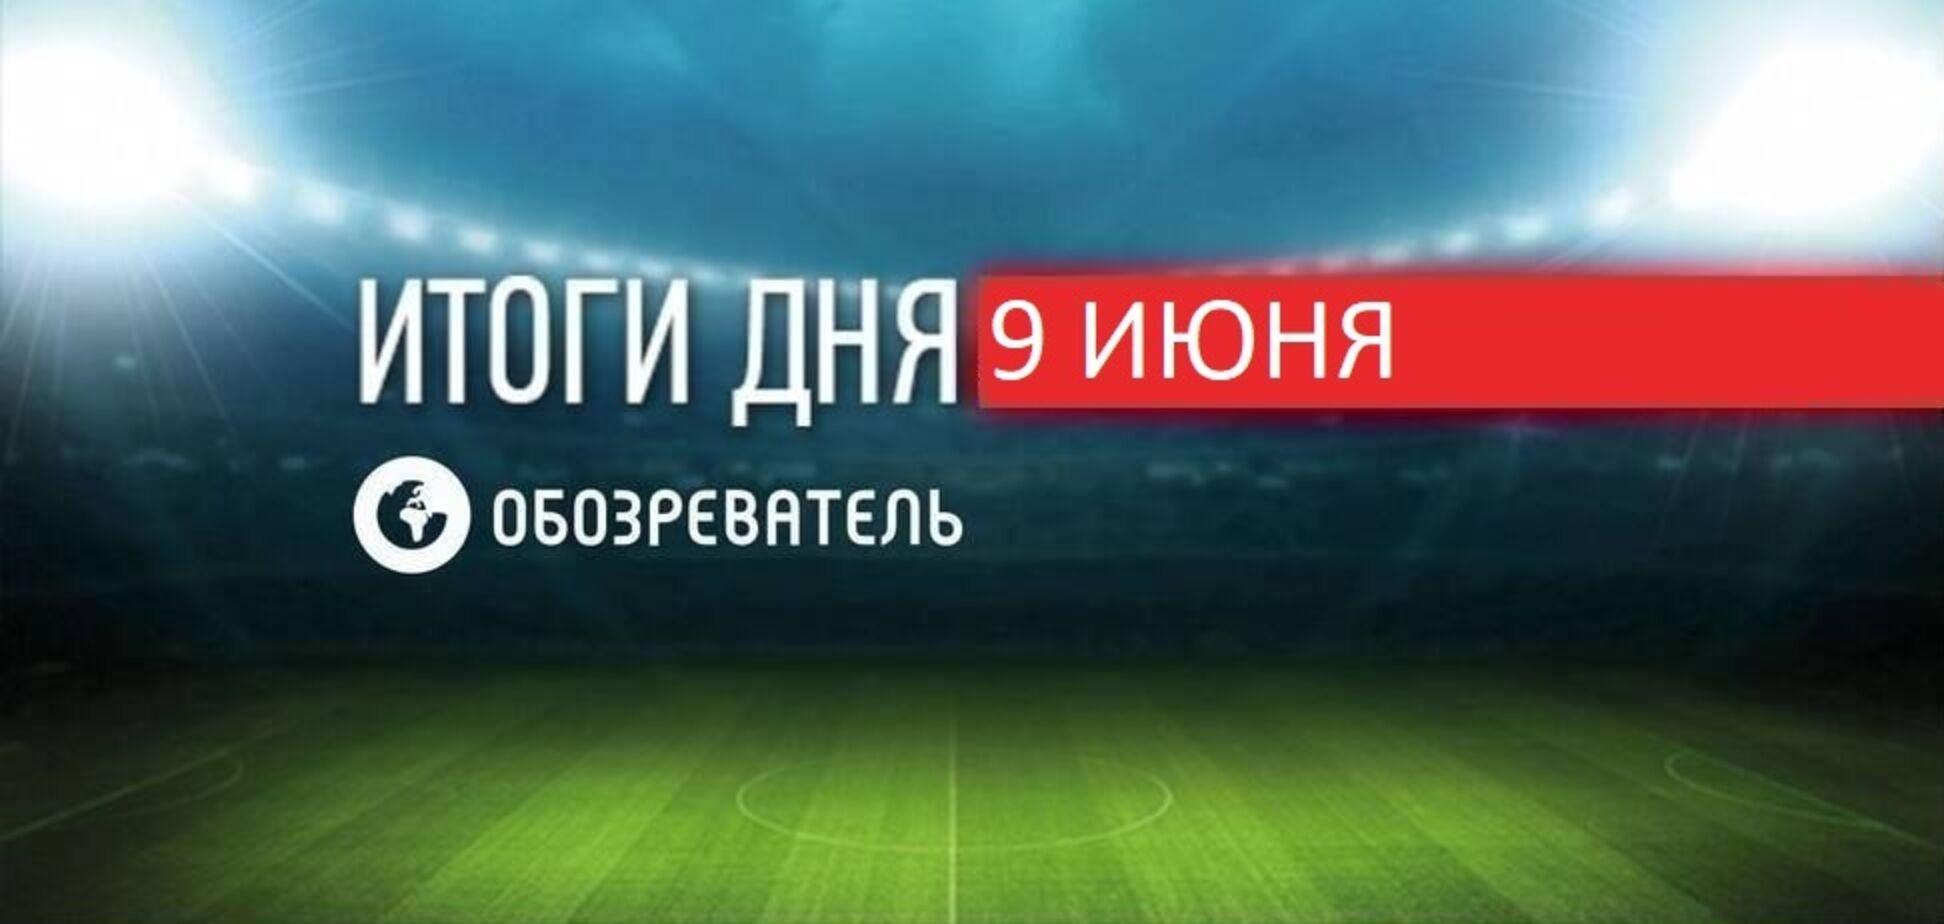 Новости спорта 9 июня: Путин назвал форму сборной Украины пренебрежением к крымчанам